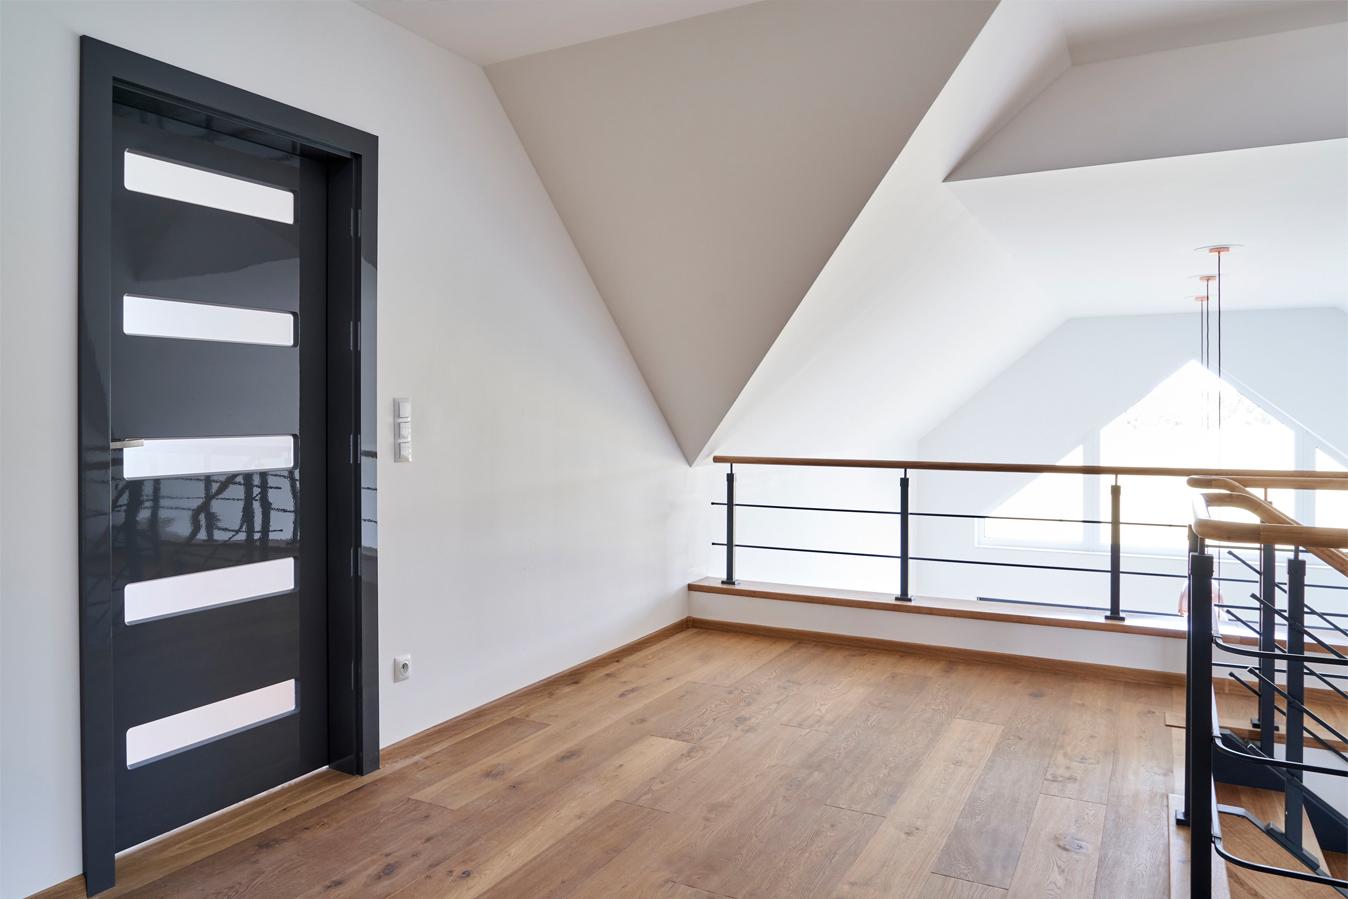 drzwi wewnętrzne BOLZANO dark grey GLOSSA 2 małe